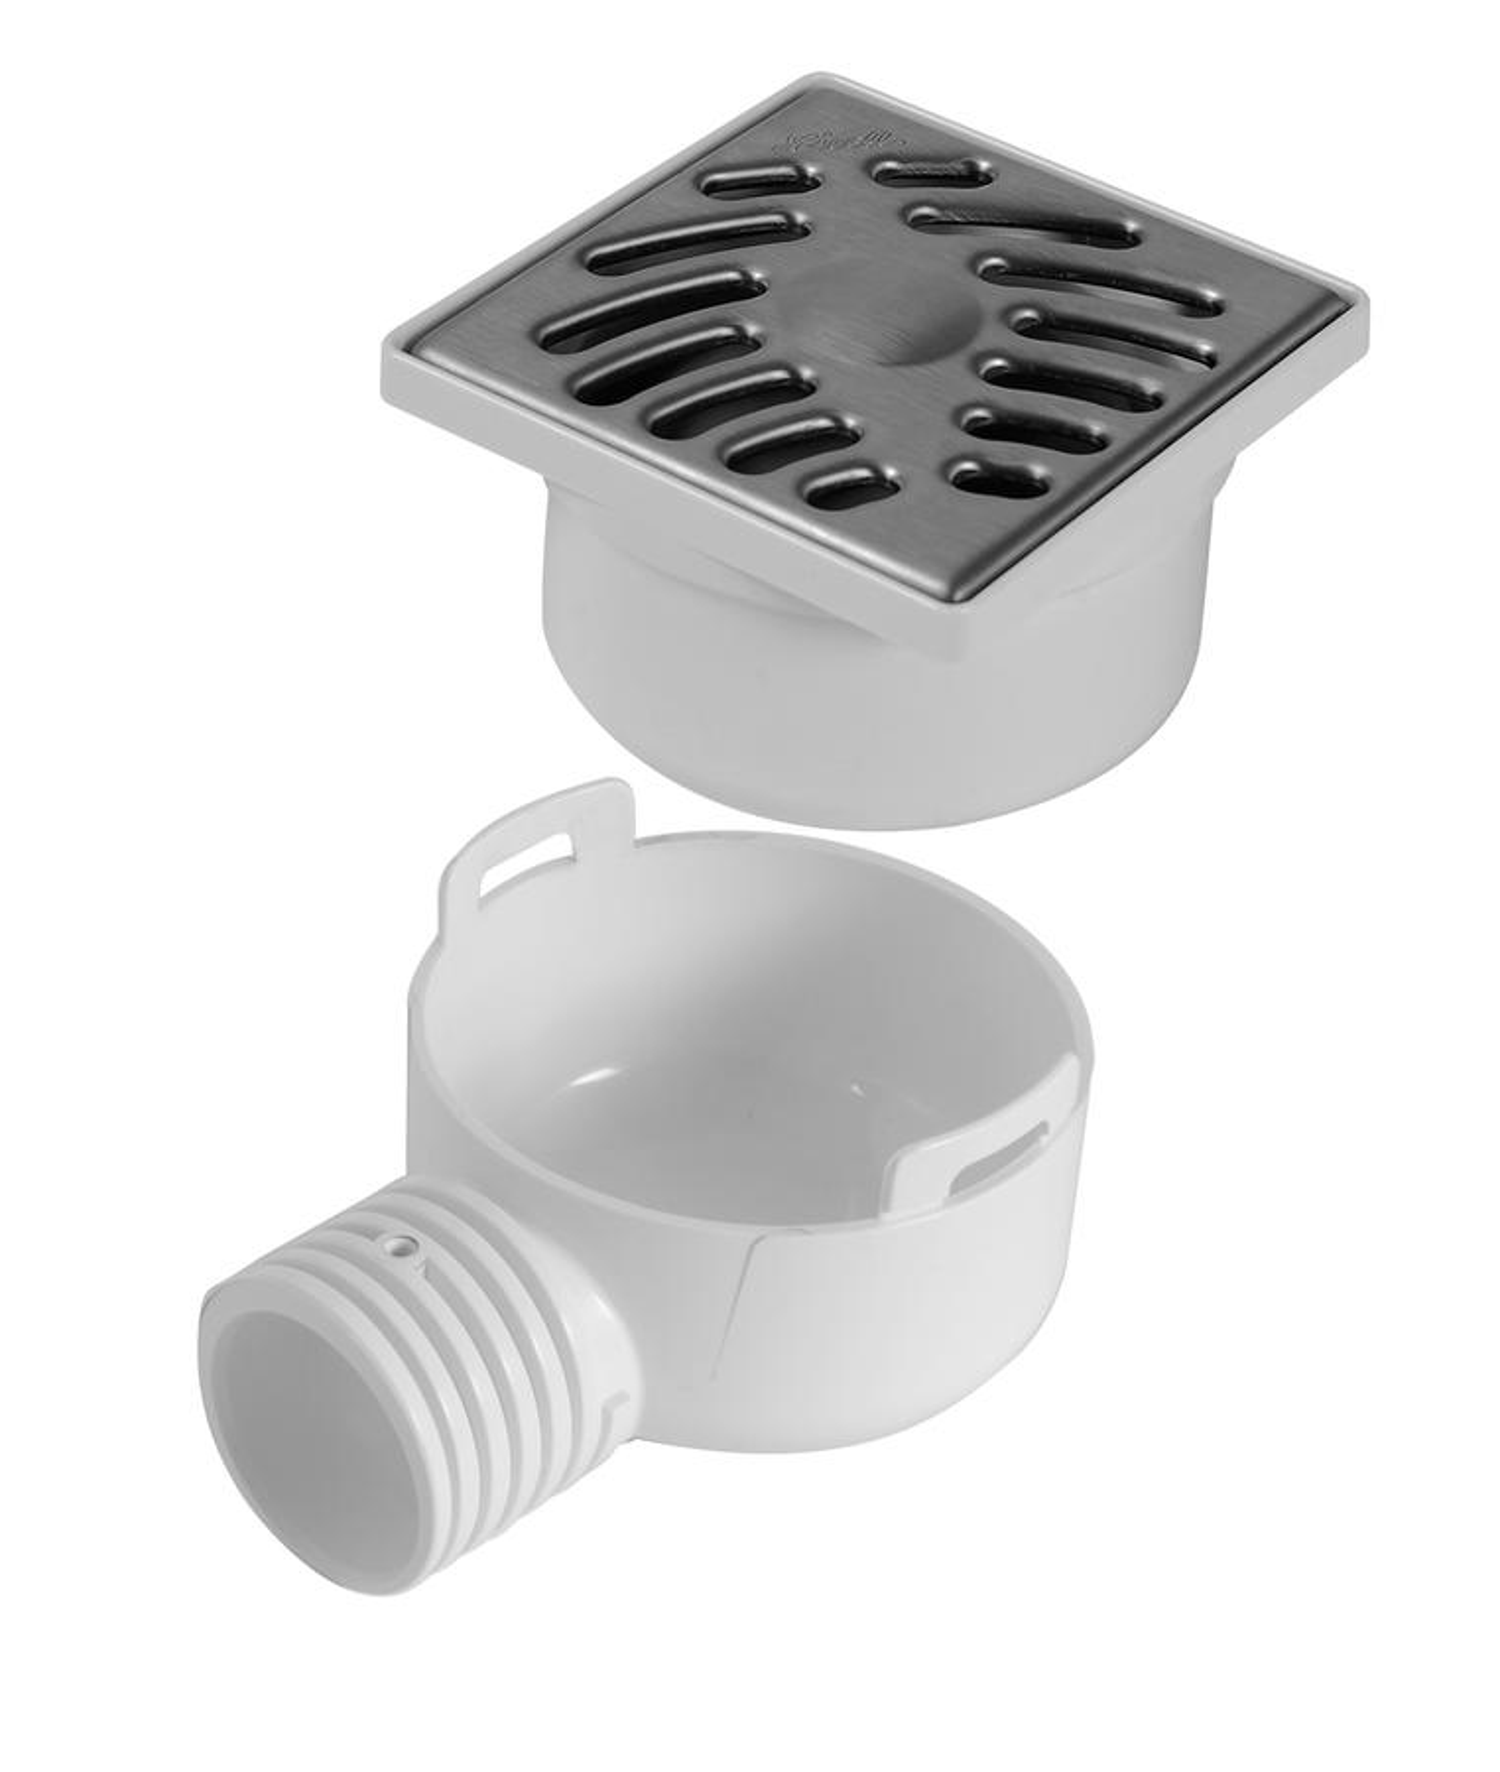 Siphonnette grille carr e 10 x 10 avec adaptateur nicoll - Grille evacuation douche italienne ...